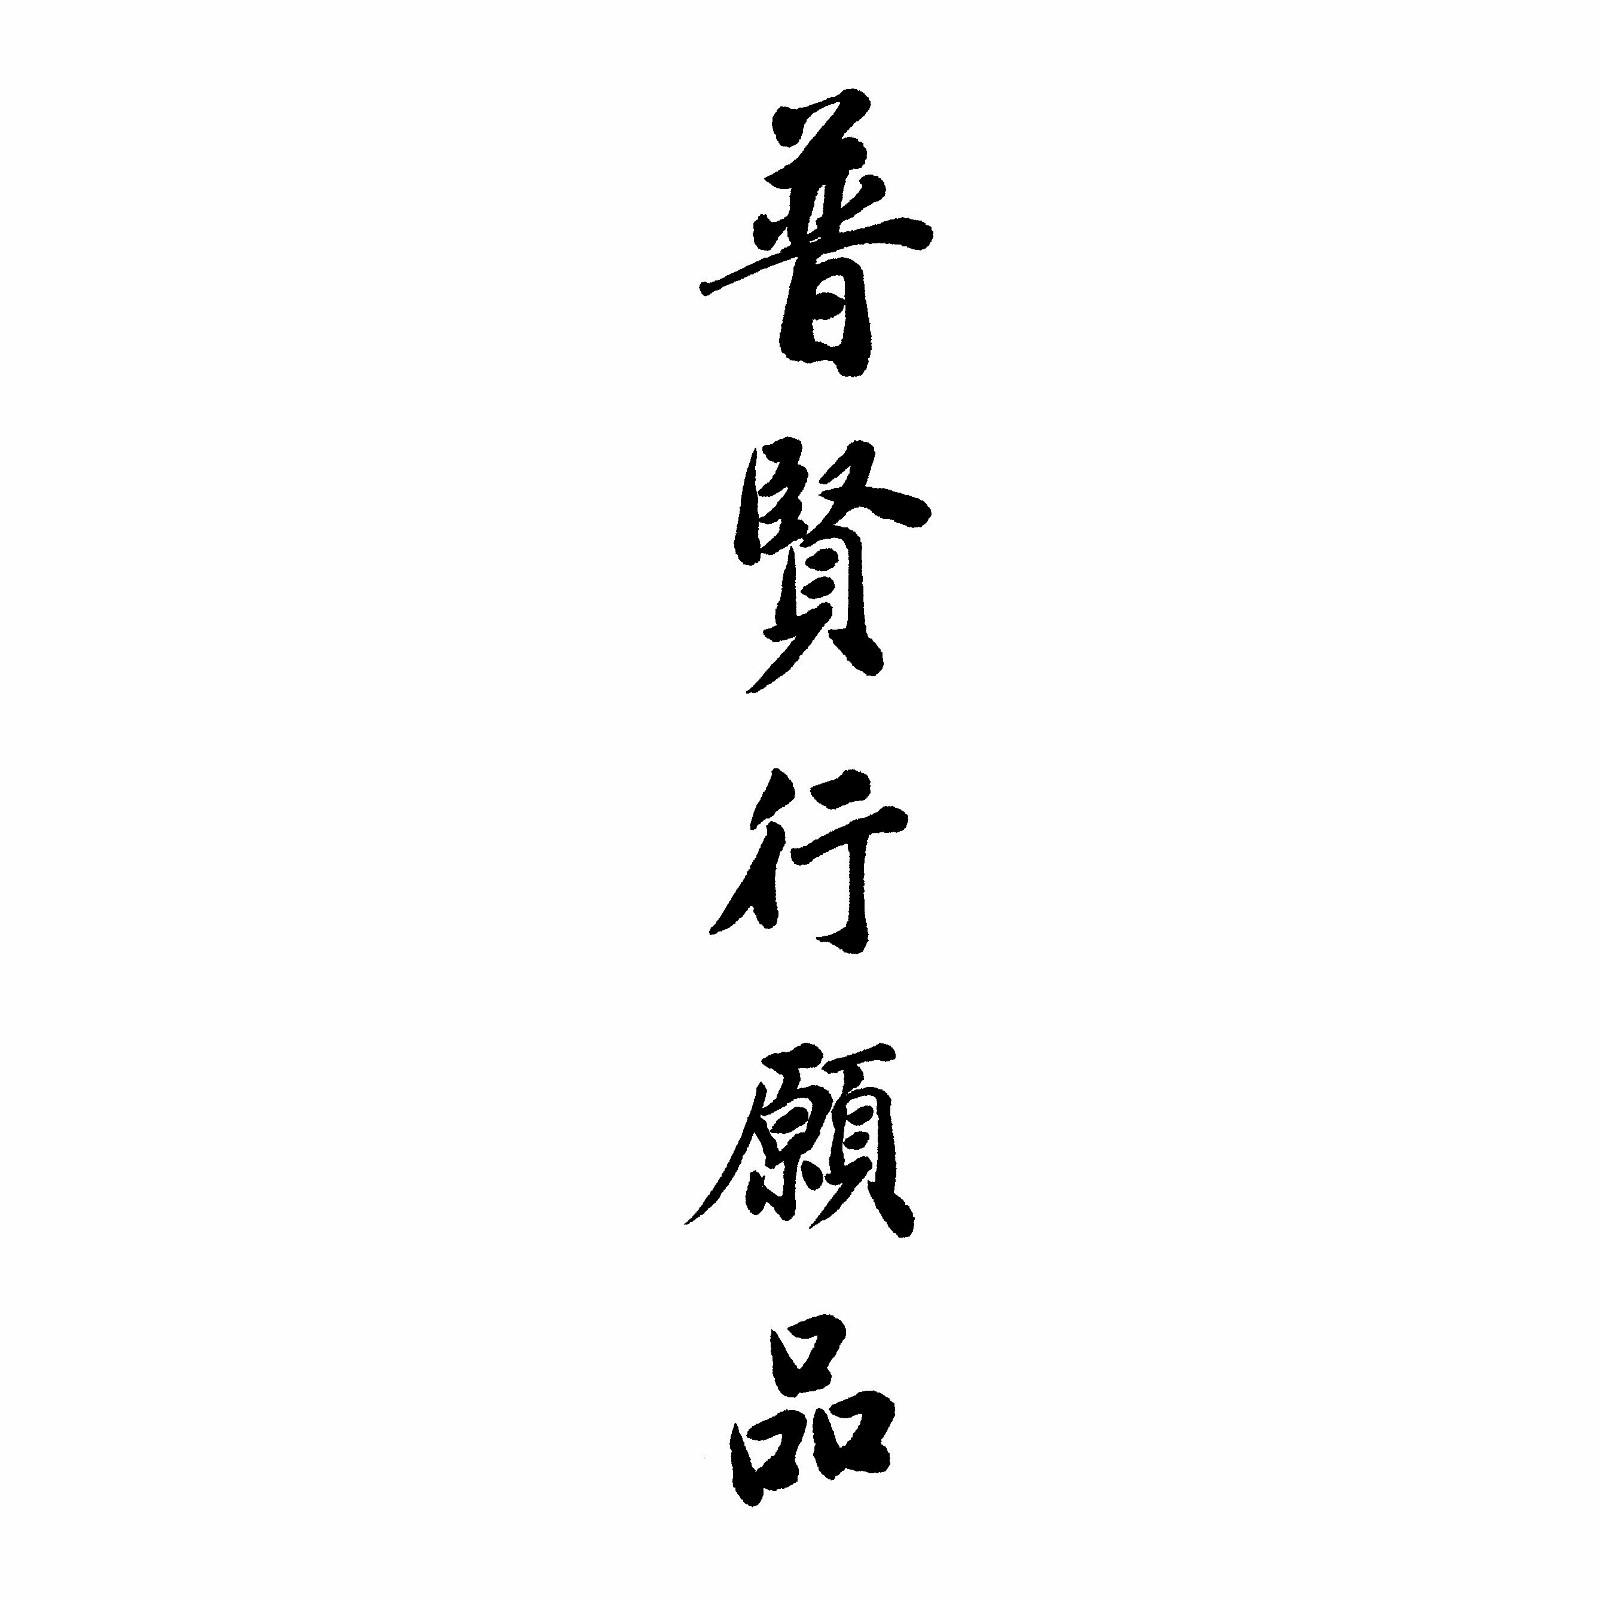 【徐醒民老师】普賢行願品